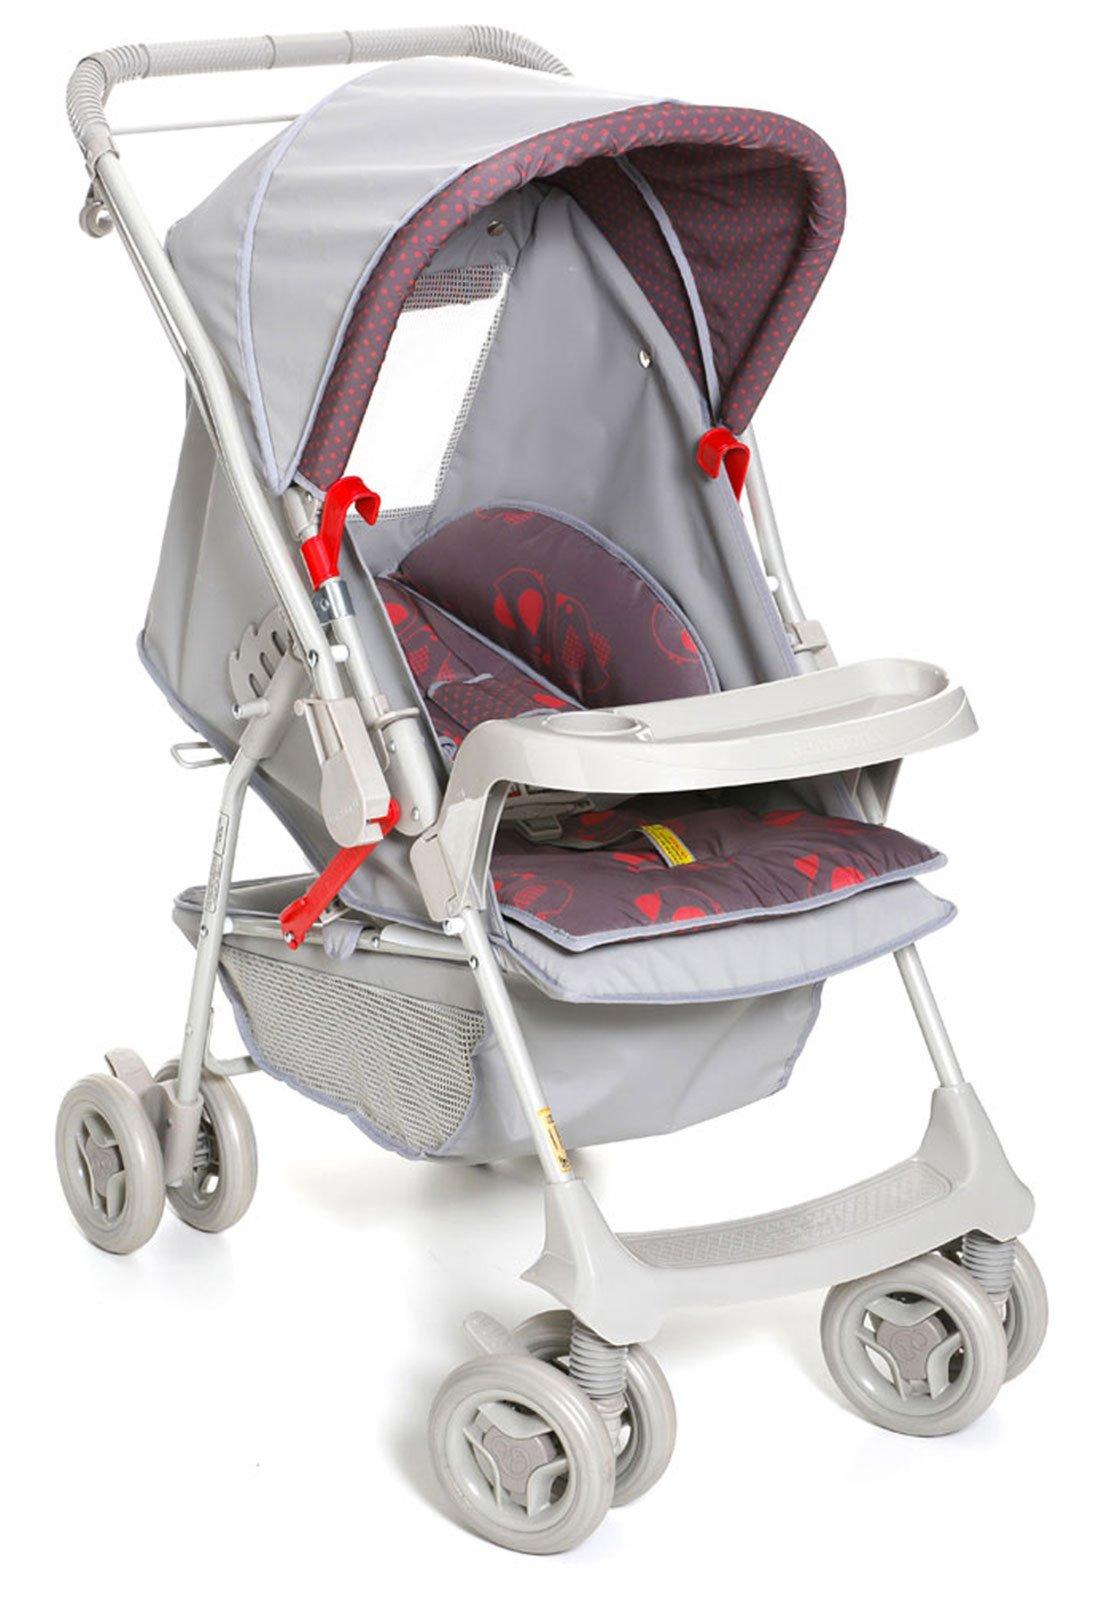 f04887082c Carrinho De Bebê Galzerano Milano Reversível Cinza E Vermelho - Compre  Agora